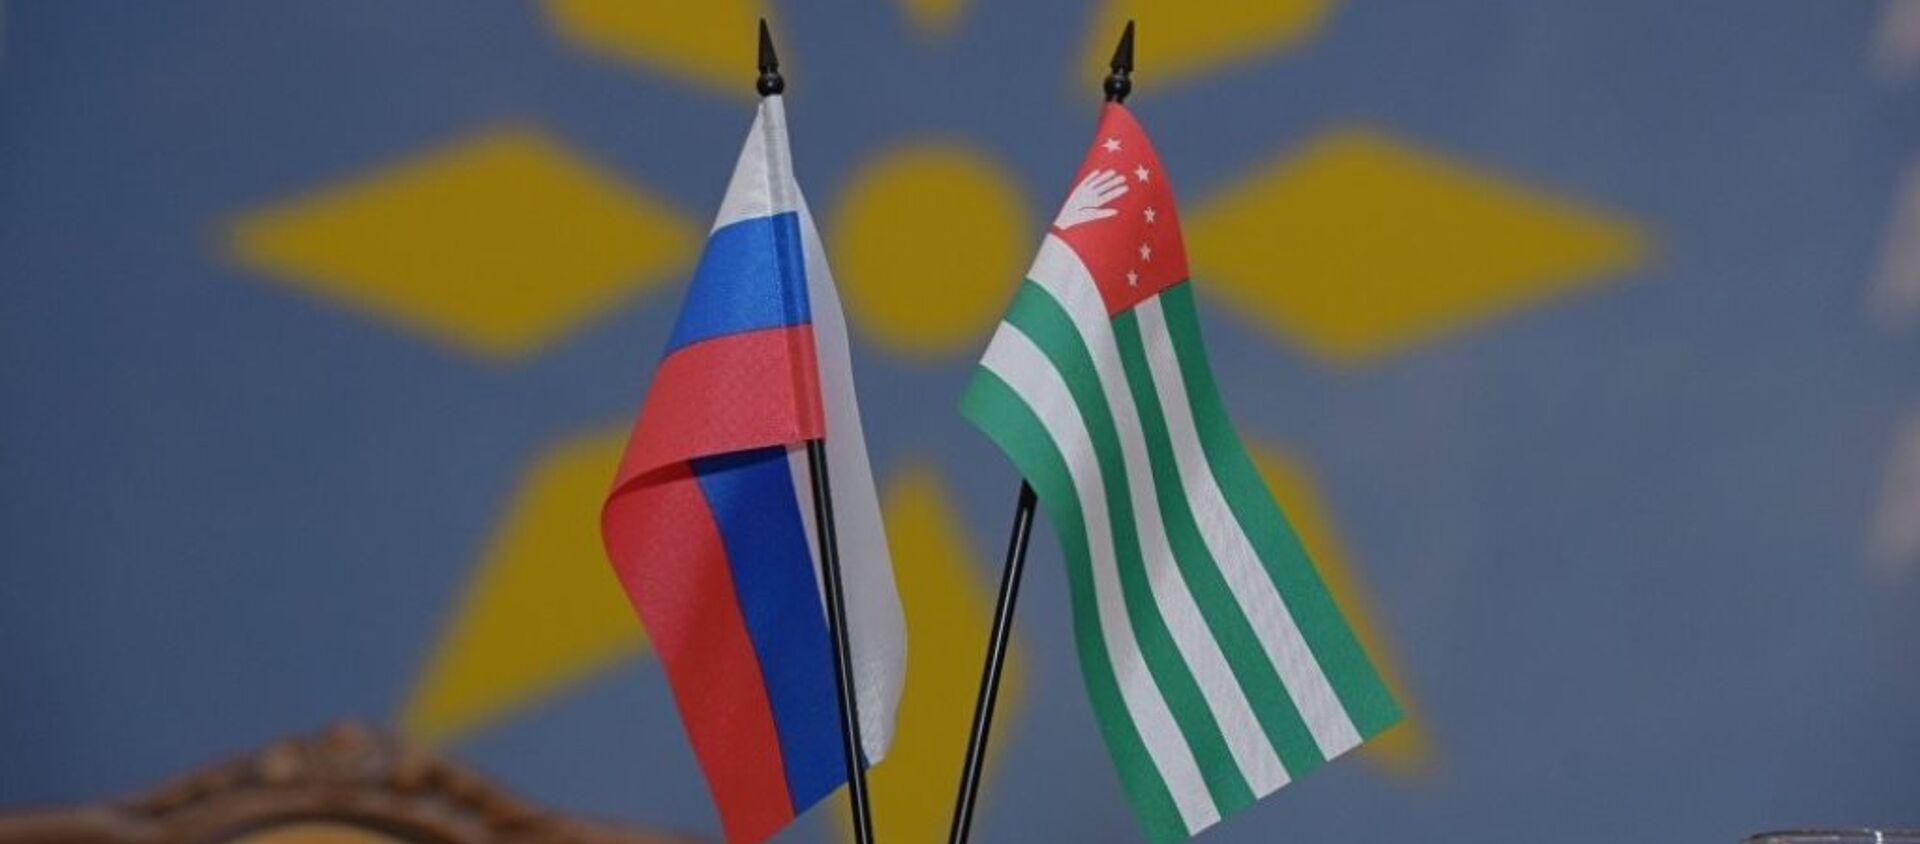 Флаги Абхазии и России - Sputnik Аҧсны, 1920, 16.12.2020